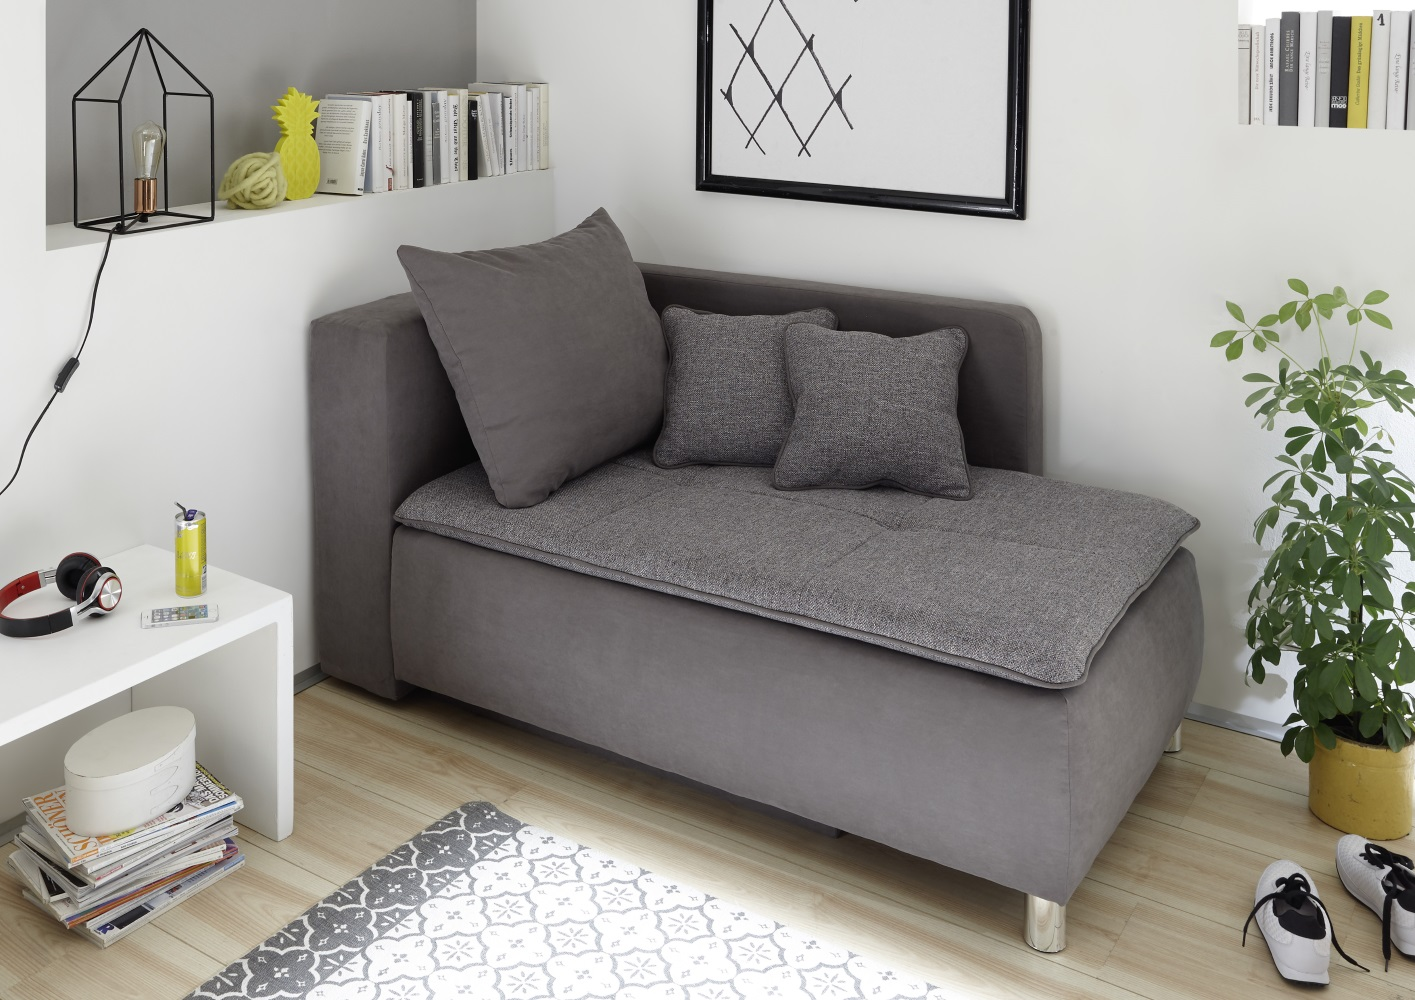 Full Size of Liegestuhl Für Wohnzimmer Lounge Ecke Ikea Liegen Rund Verstellbar Teppich Bilder Fürs Vorhänge Gardinen Deckenlampen Stuhl Schlafzimmer Regal Kleidung Wohnzimmer Liegestuhl Für Wohnzimmer